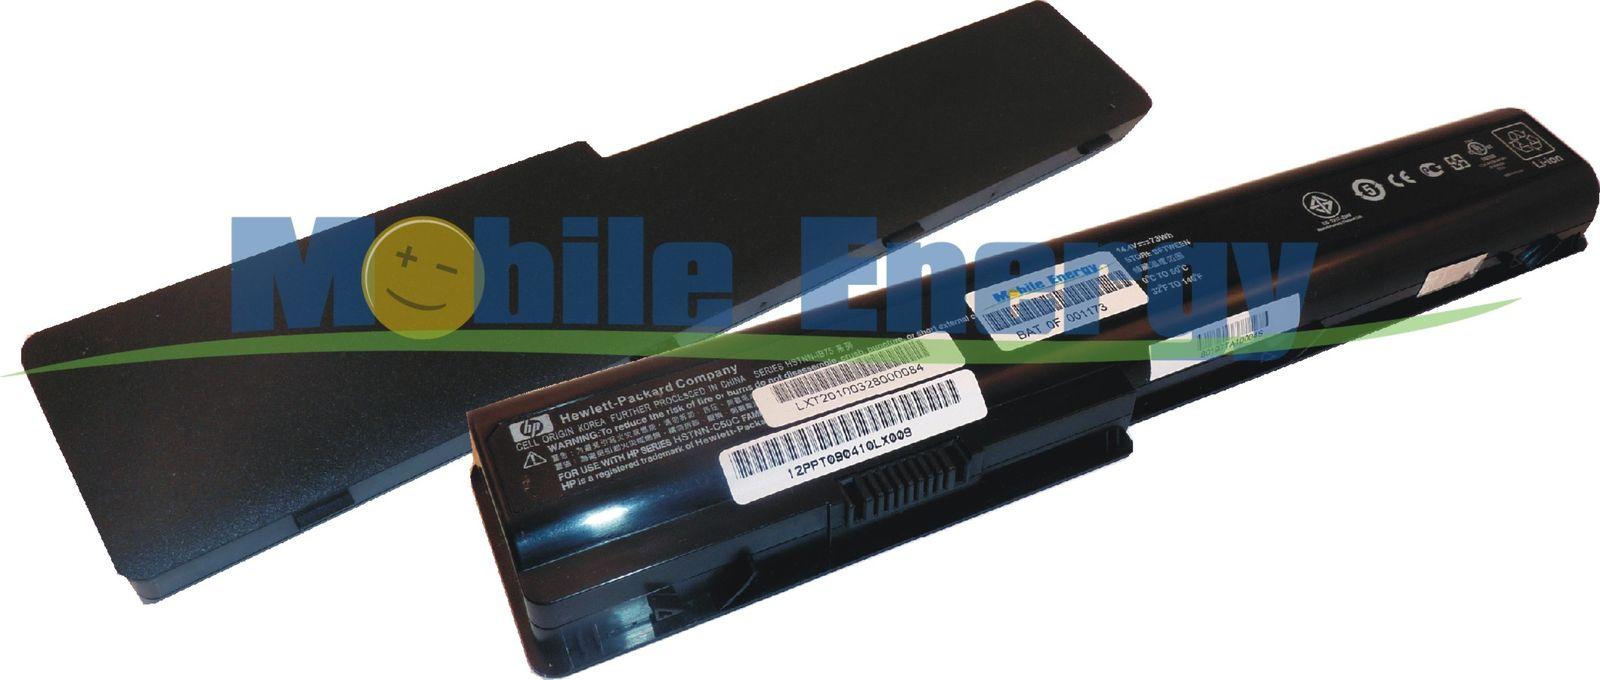 Mobile-Energy Baterie HP Pavilion dv7 / dv7-1000 / dv7t / dv7t-1